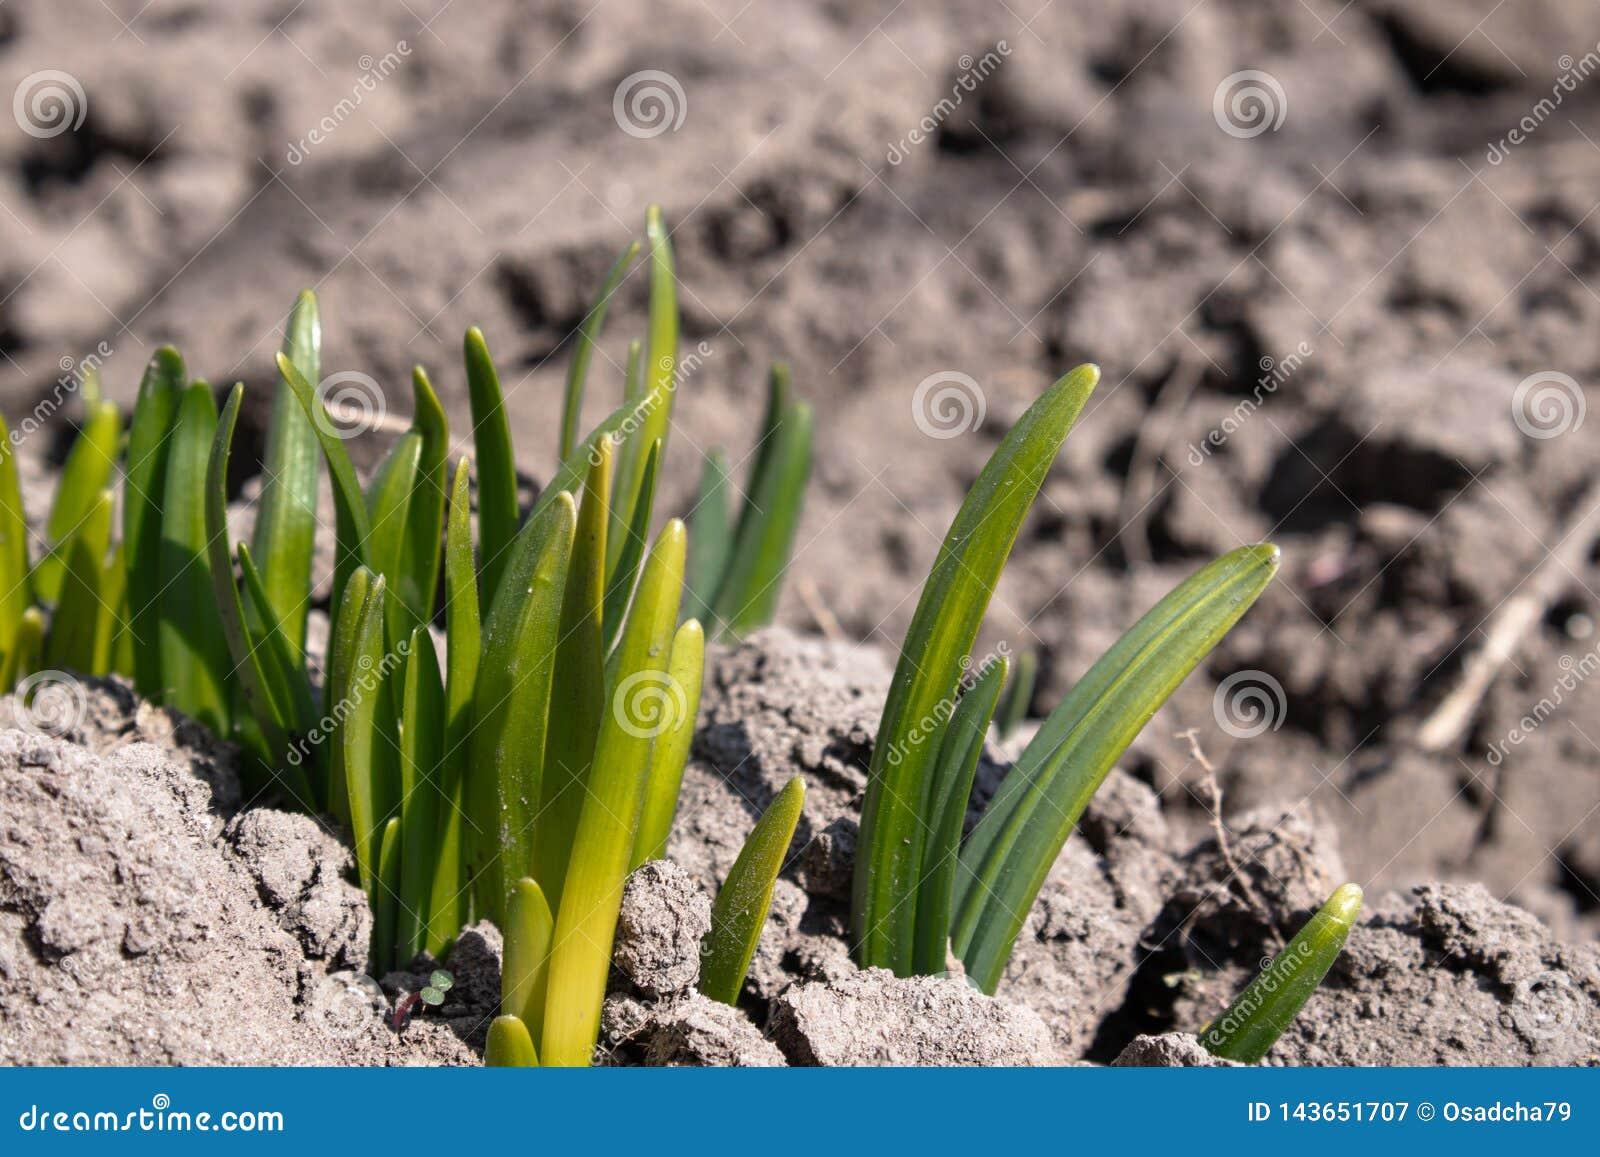 花根发芽与zamly 花在春天增长